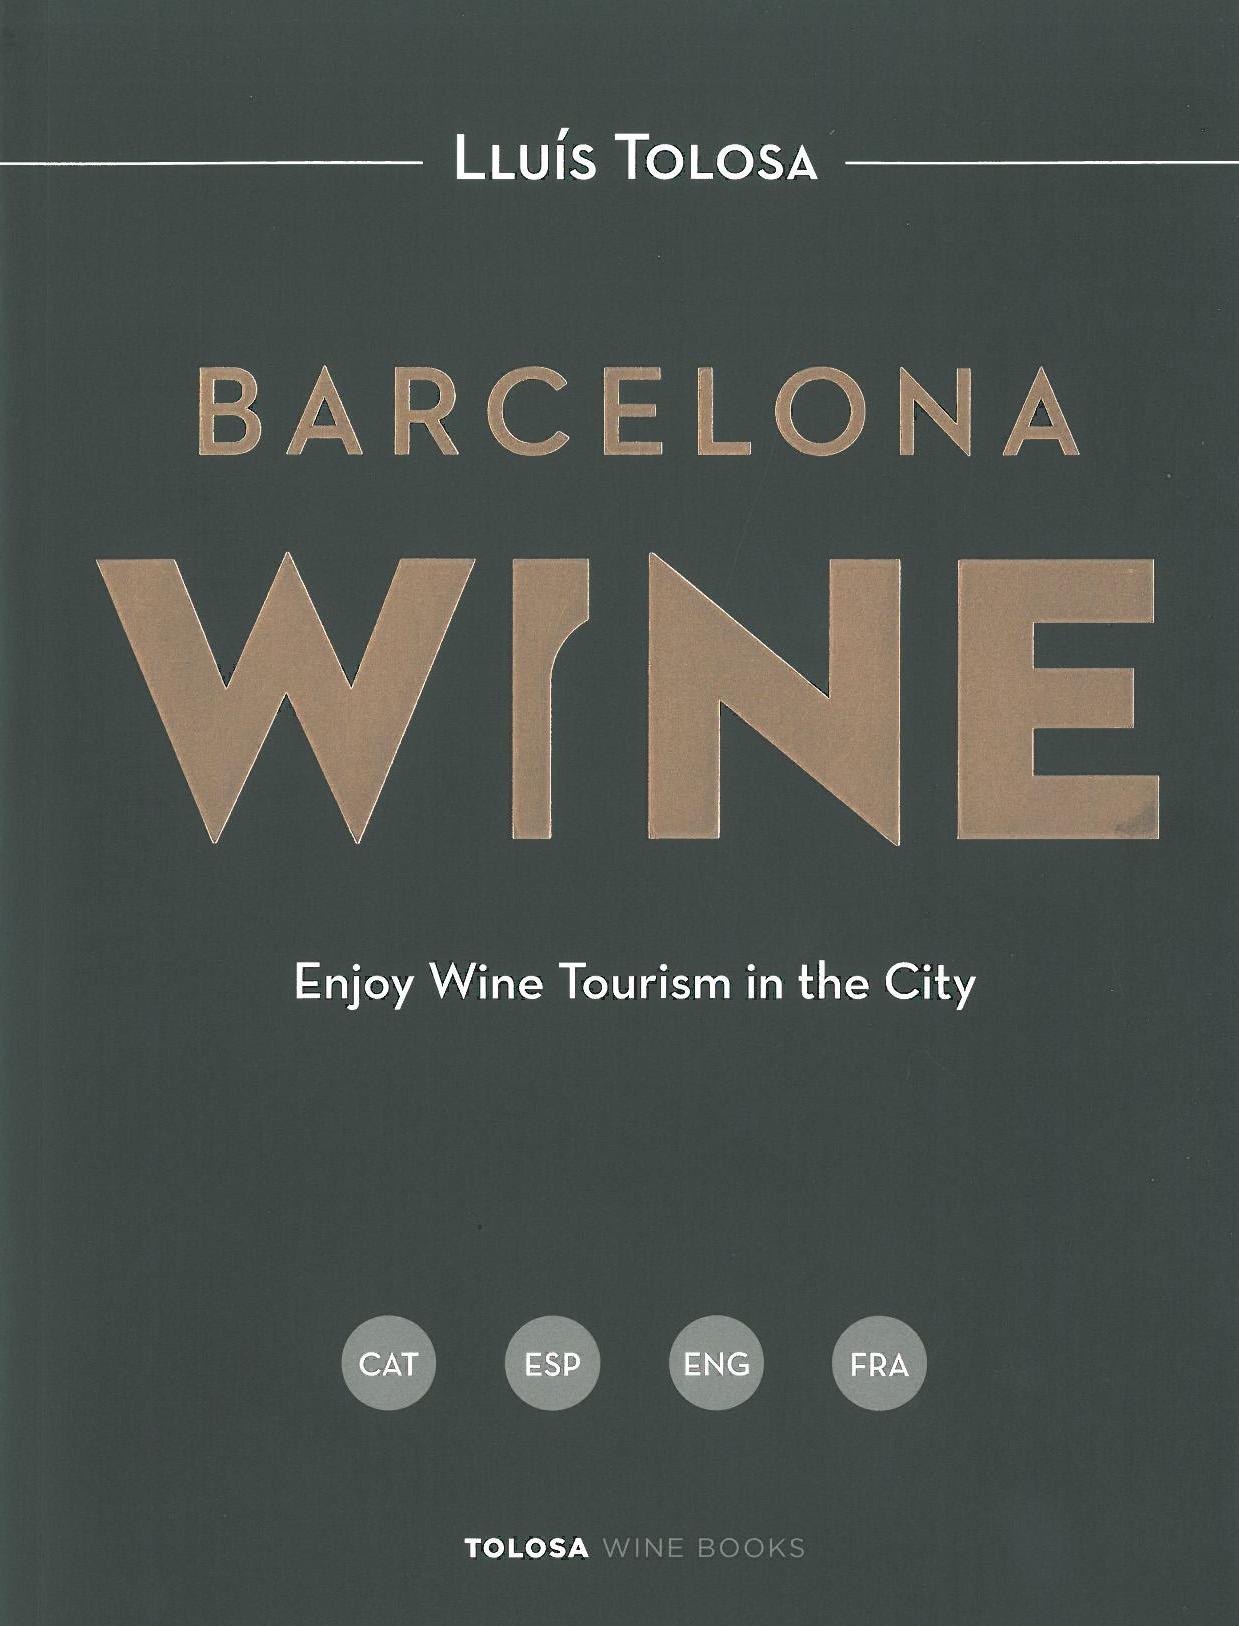 Portada llibre Barcelona Wine - Lluís Tolosa